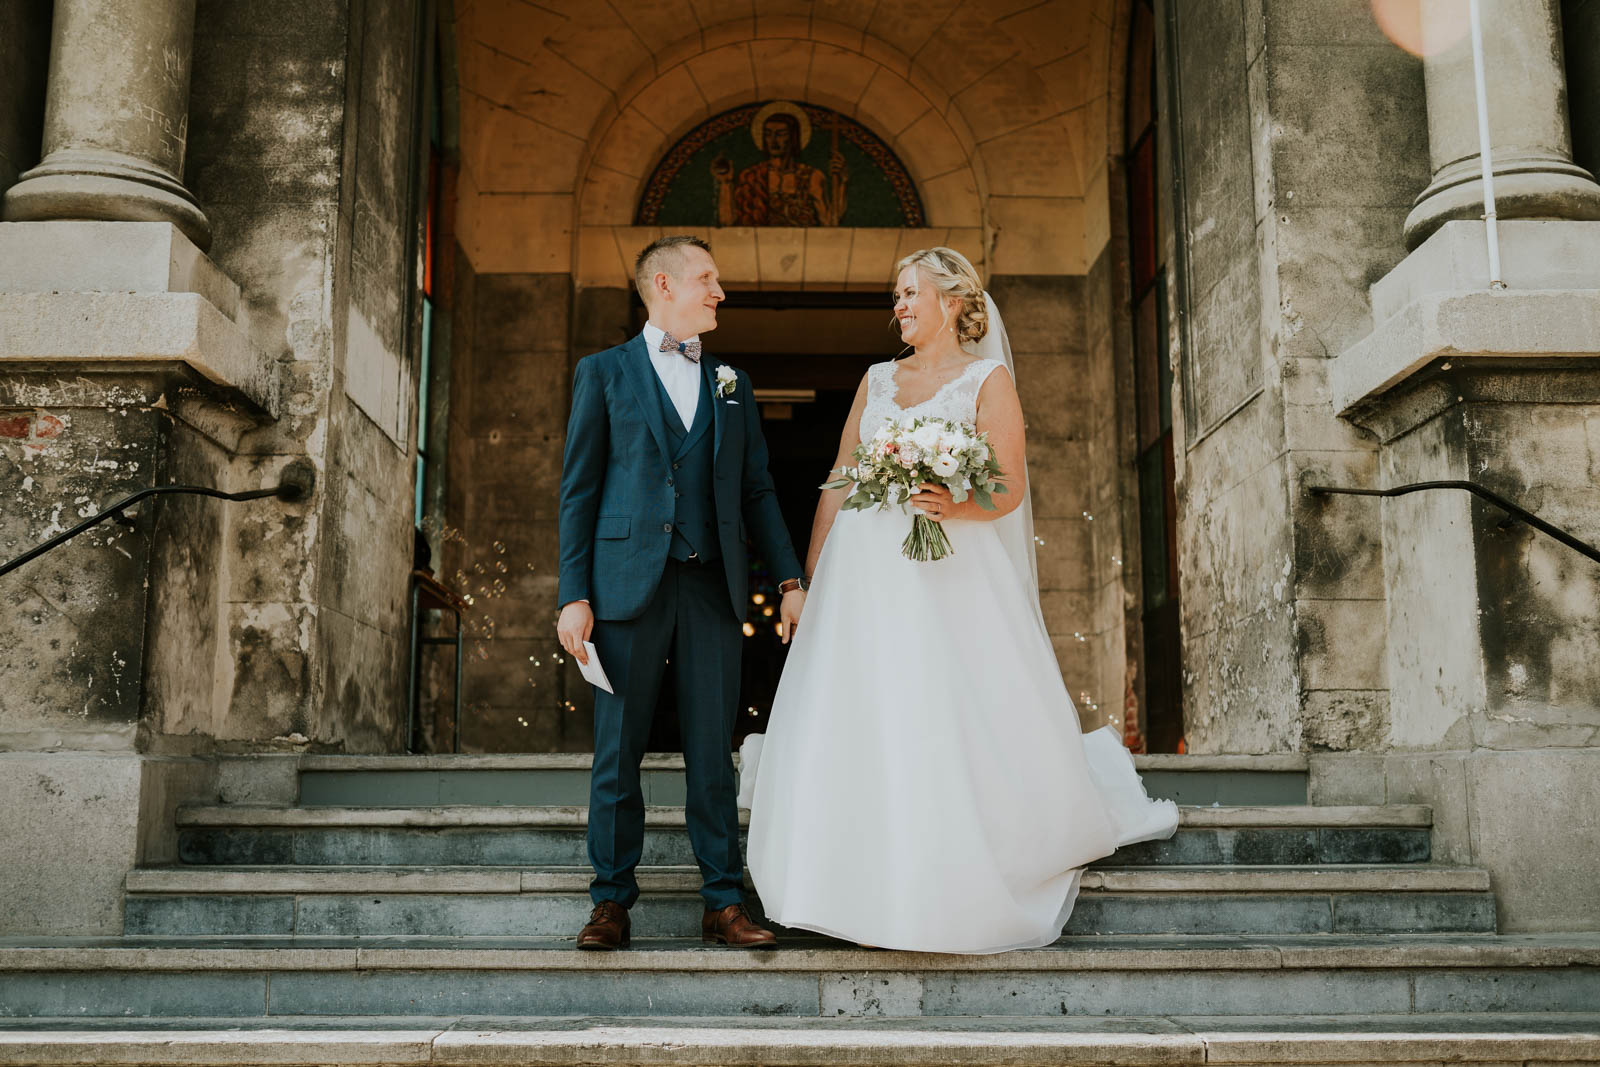 Sortie de Cérémonie ! Photographe de mariage.